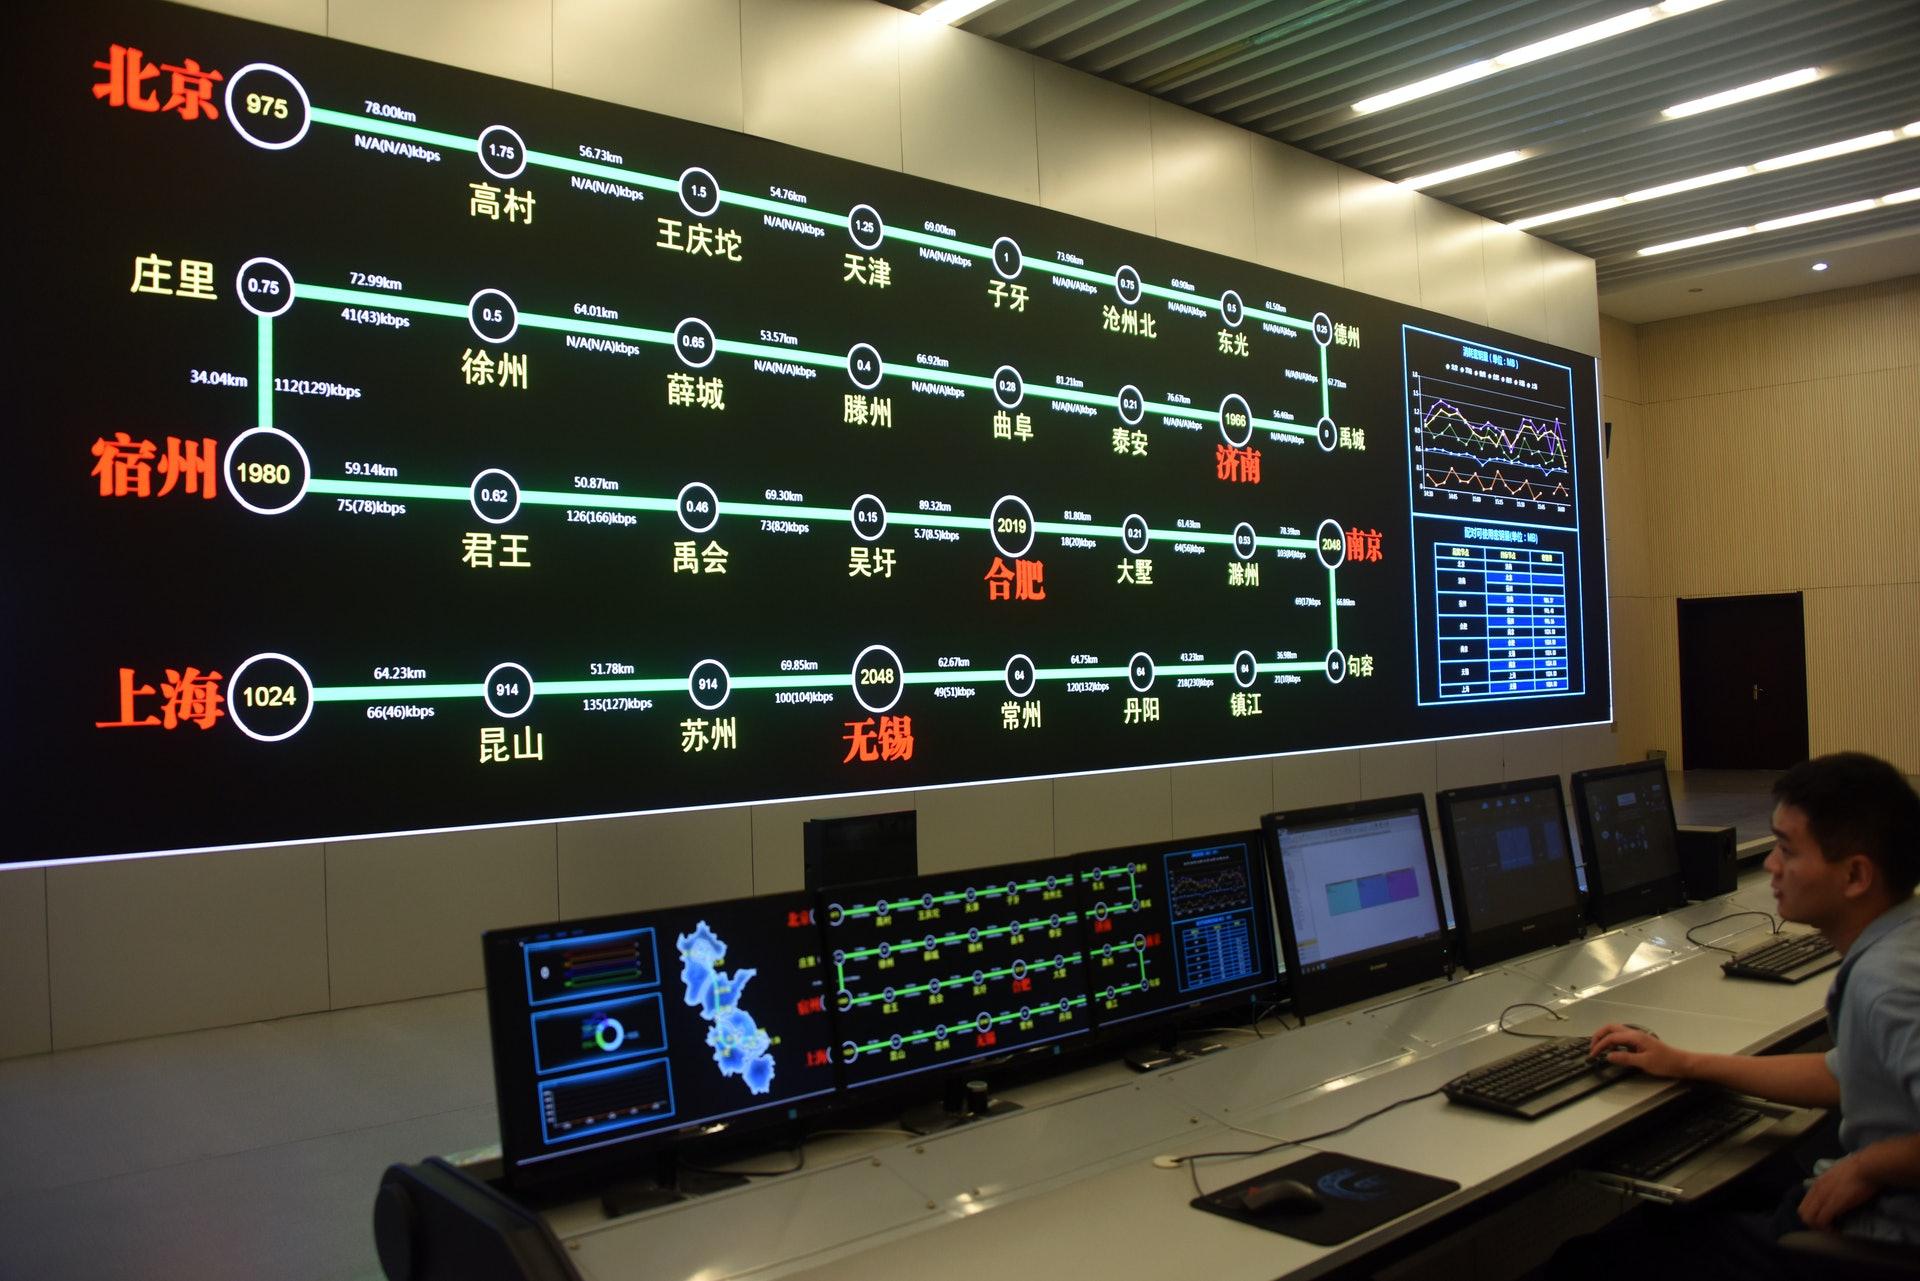 习近平指要加强量子科技发展战略谋划和系统布局。图为中国科学技术大学先进技术研究院(中科大先研院)量子科学实验卫星、量子通信京沪干线总控中心。(中新社)